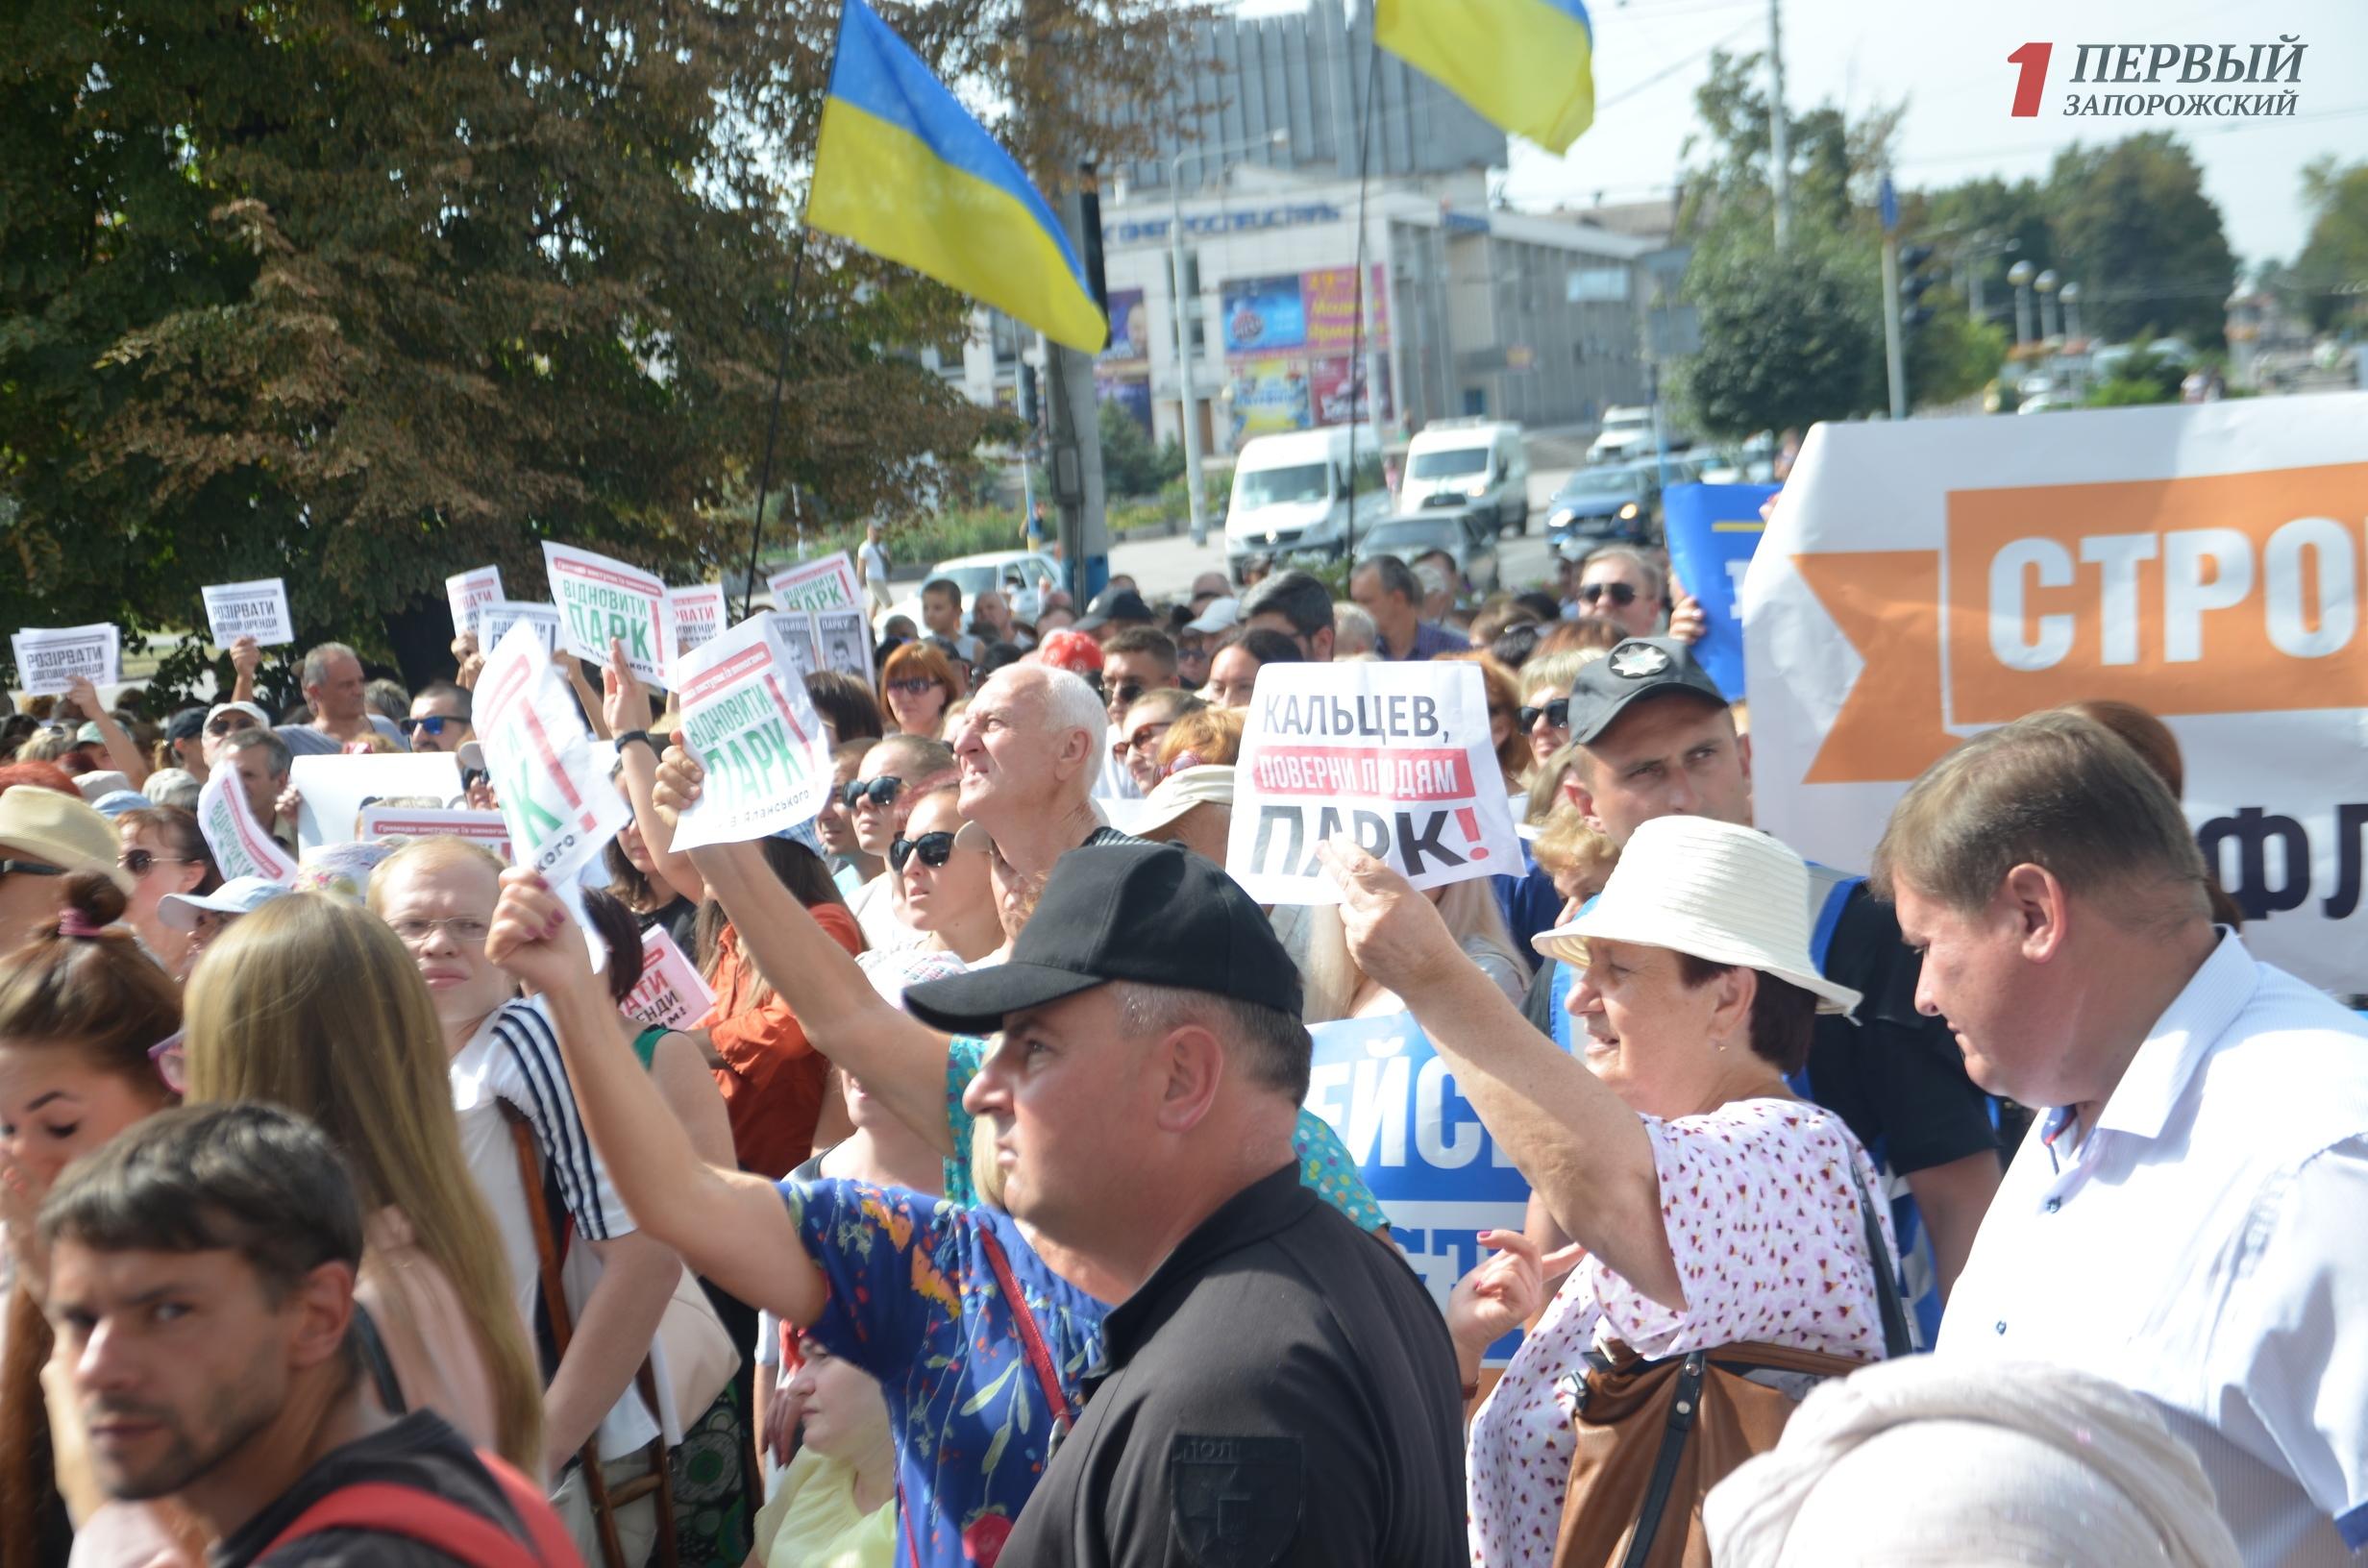 В Запорожье под стенами мэрии проходит двойной митинг защитников и противников строительства ТРЦ в центре города - ФОТО